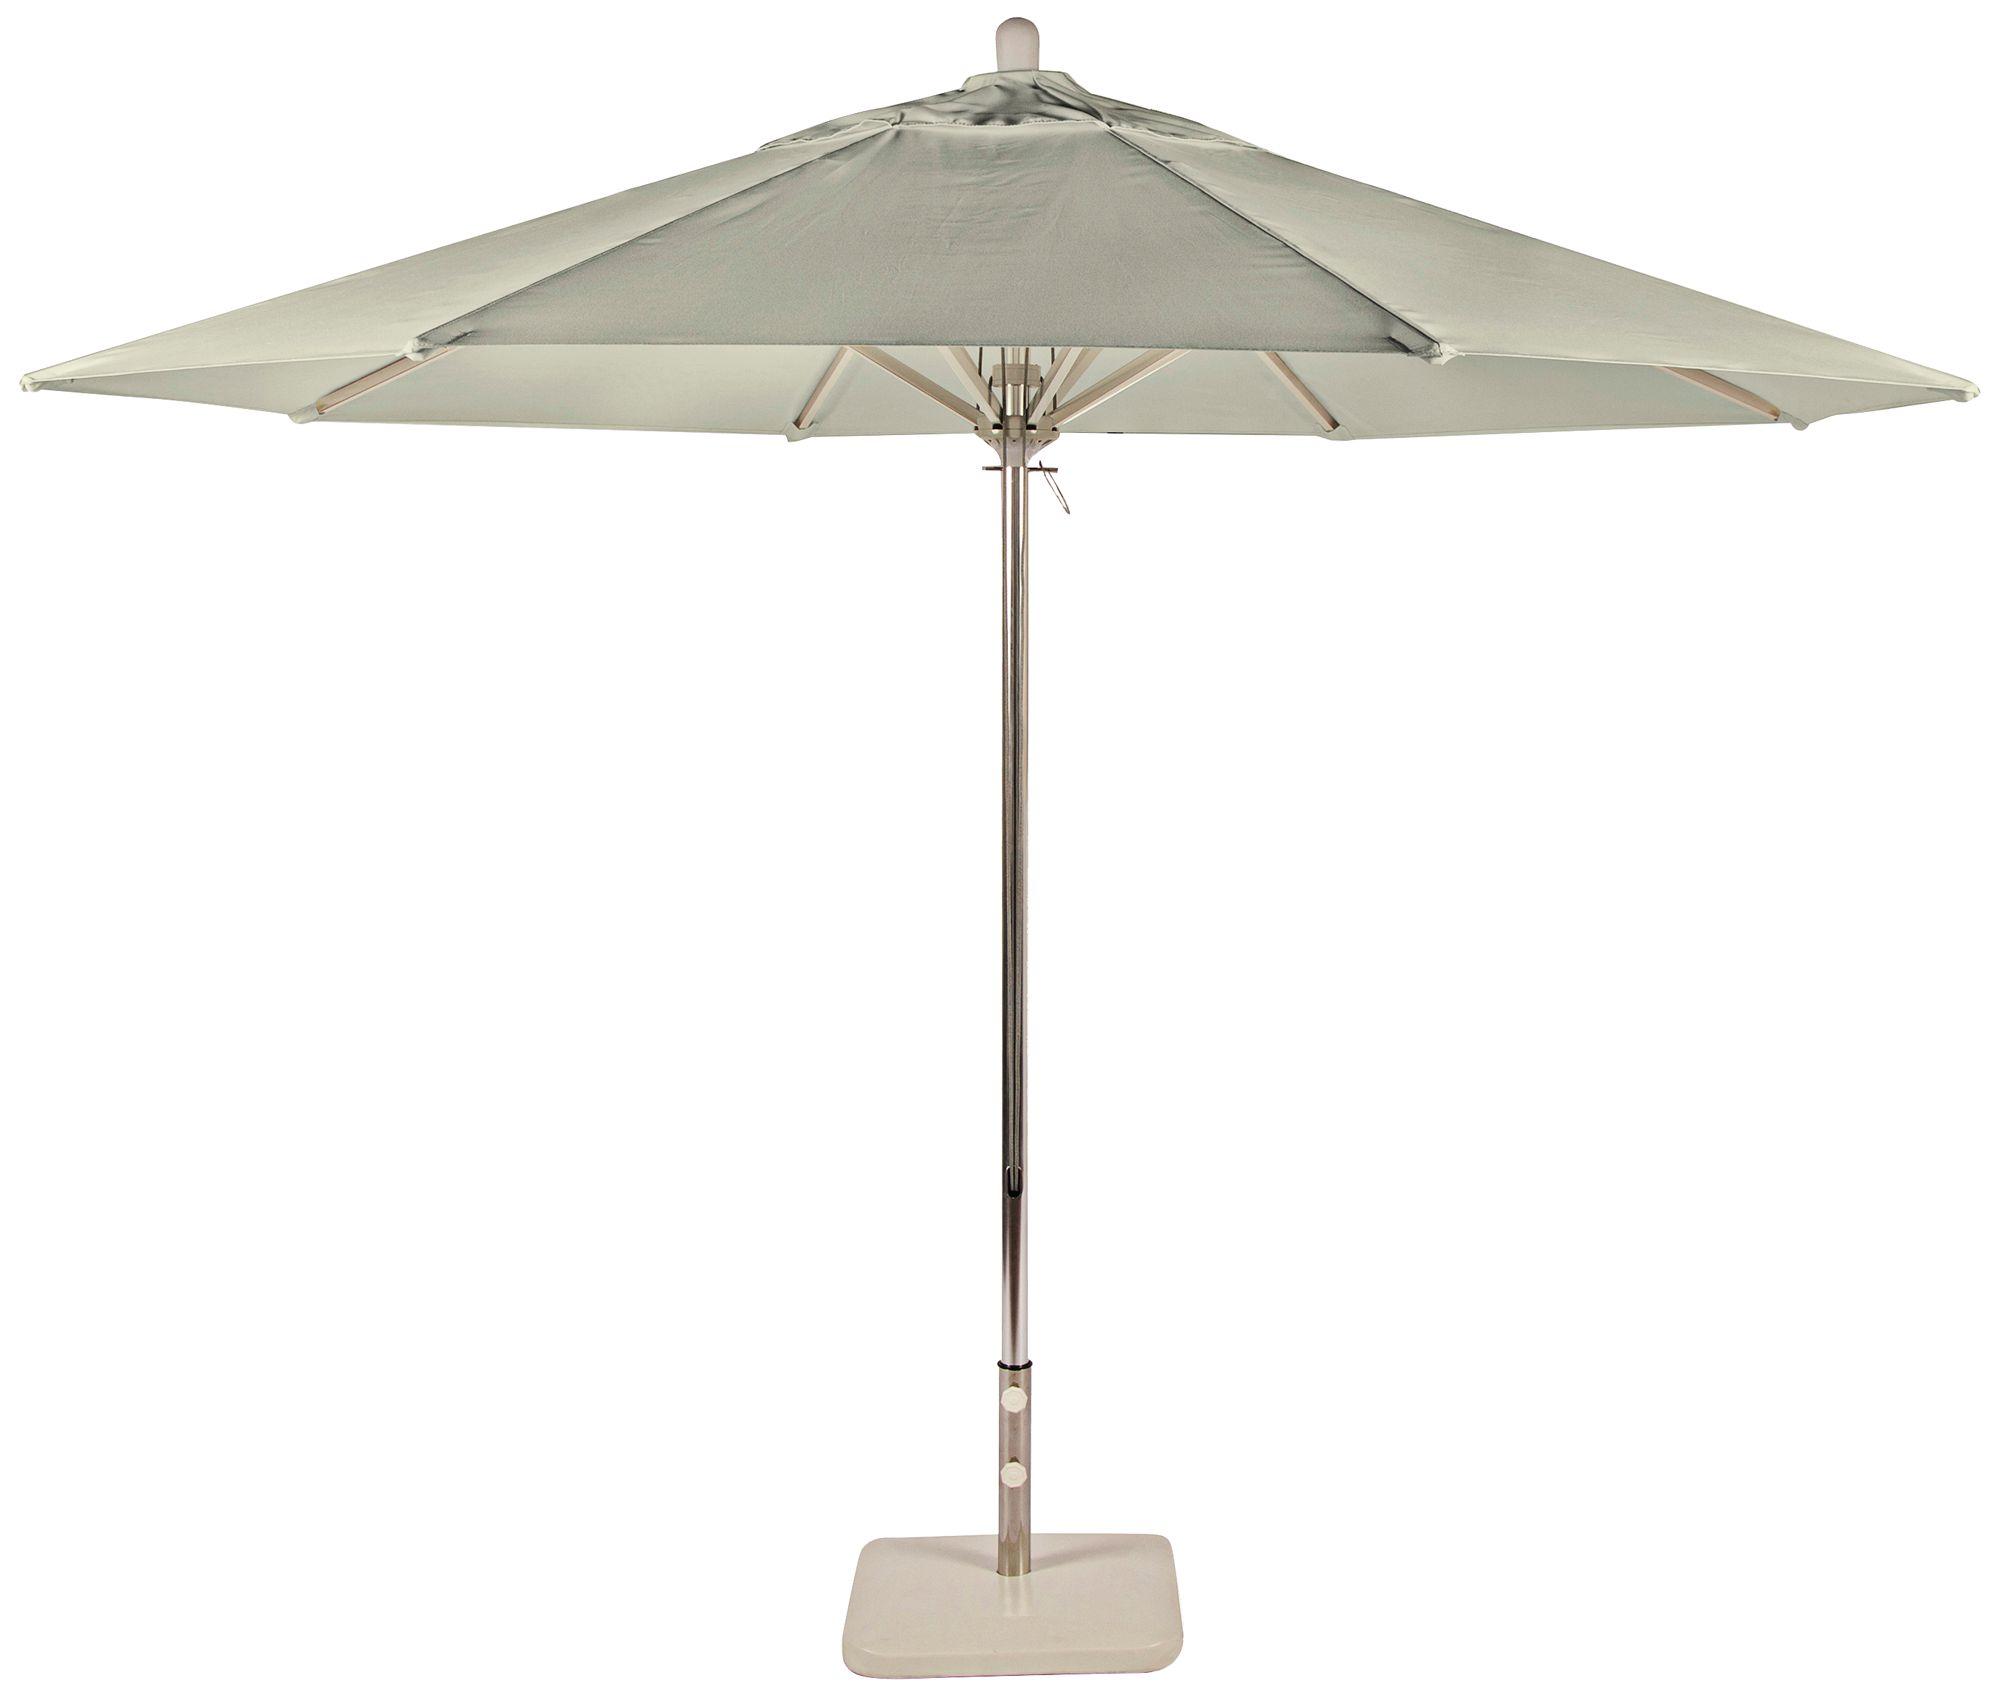 Newport Coast 10 3/4 Foot Natural Sunbrella Patio Umbrella